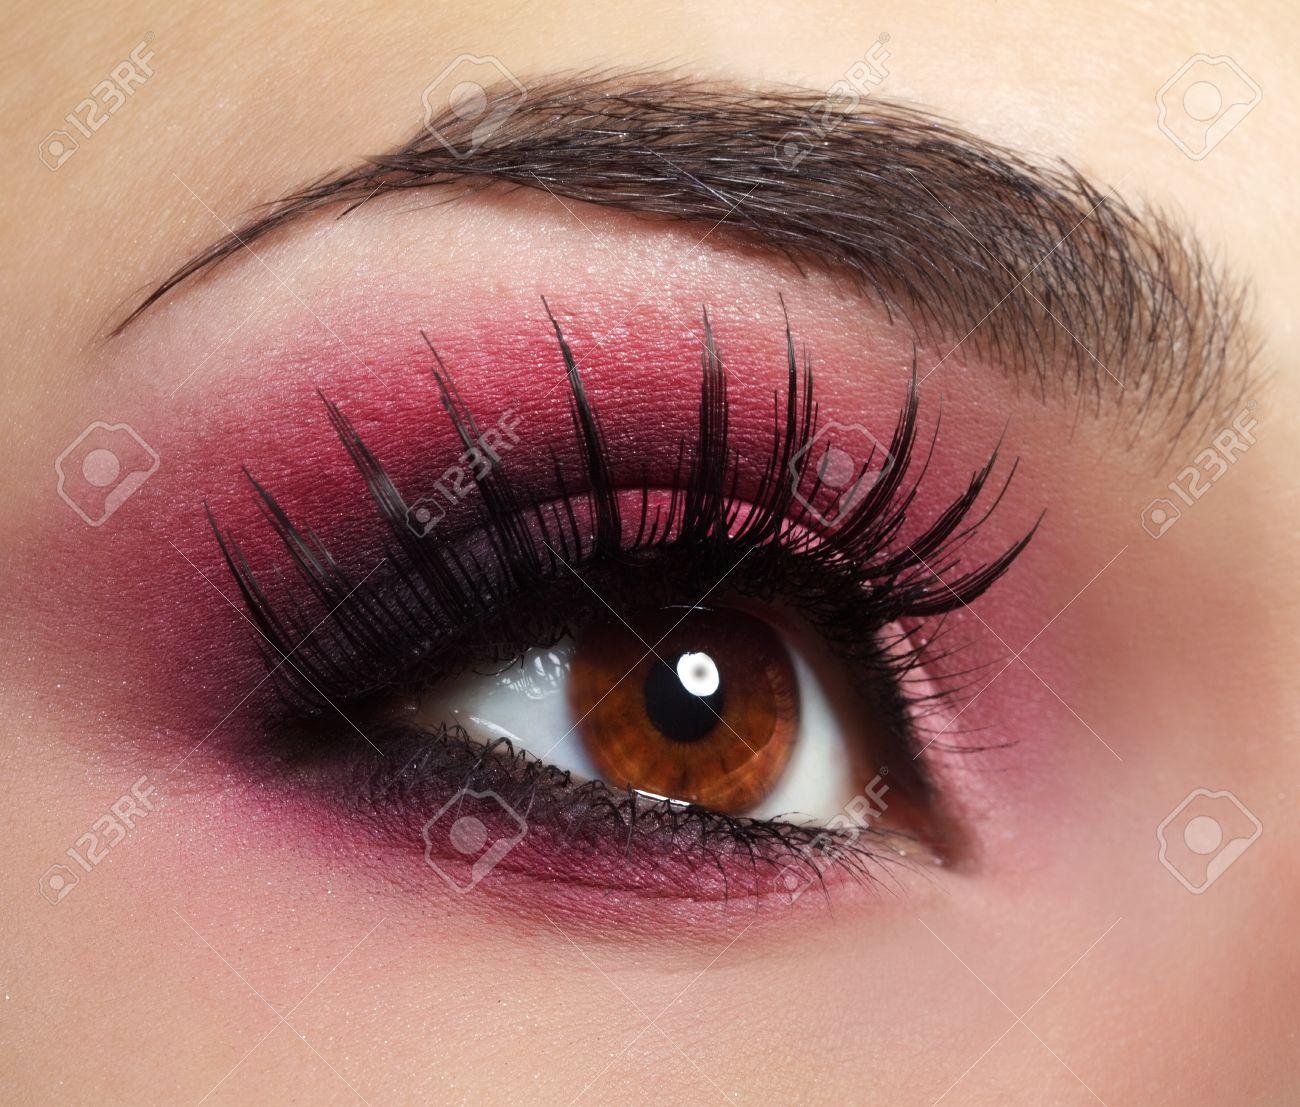 Red Eye Makeup Beautiful eye makeup close up - 15480095